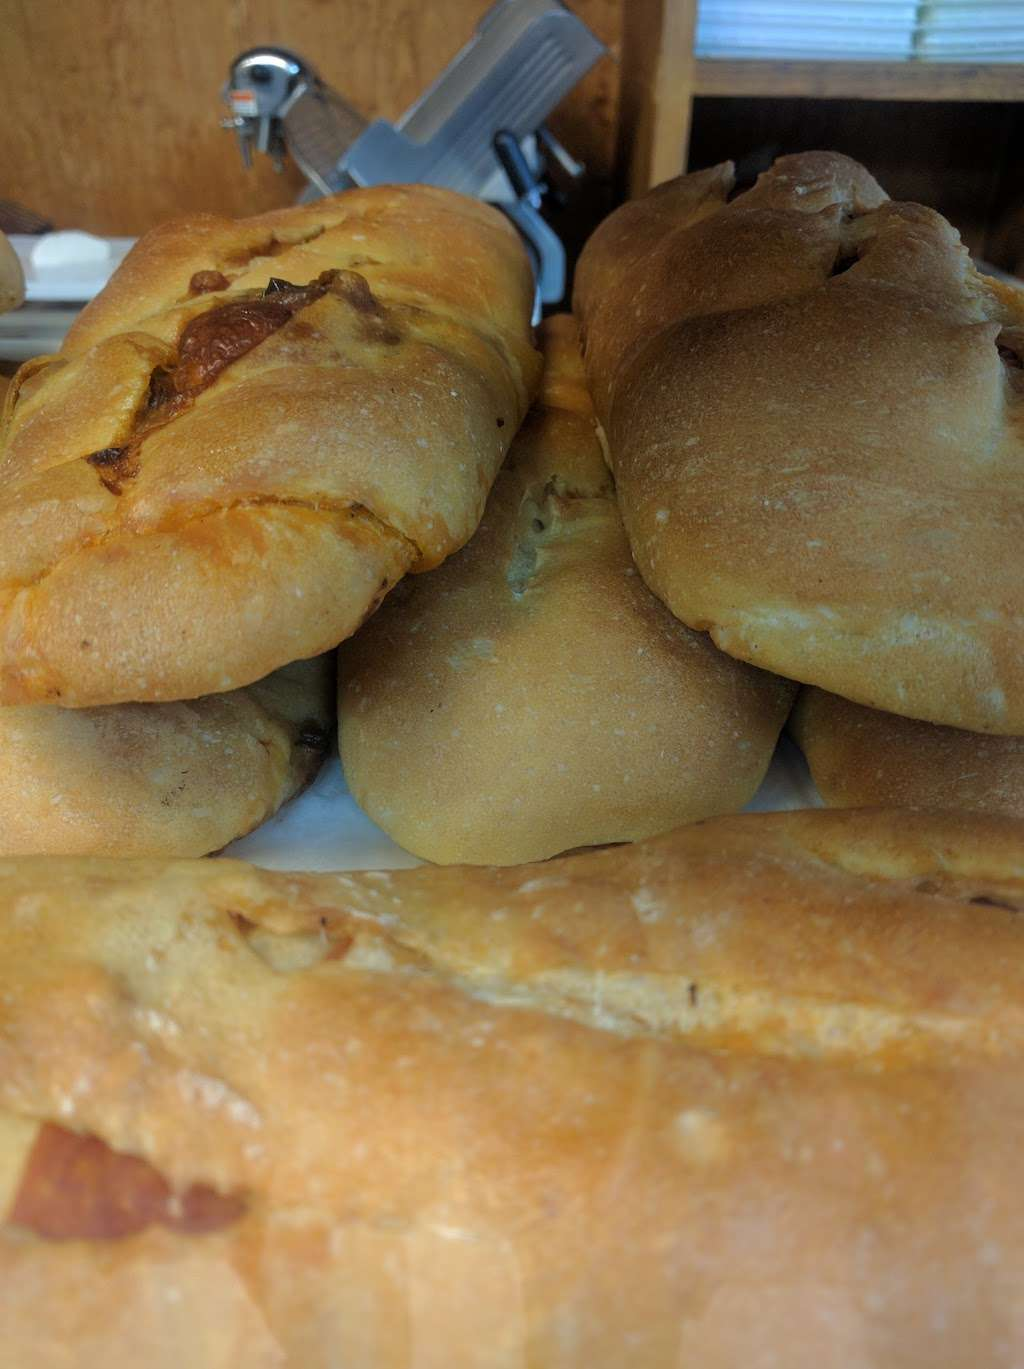 Leos Bakery & Deli - bakery  | Photo 2 of 10 | Address: 514 Grand Ave, North Bergen, NJ 07047, USA | Phone: (201) 348-8433